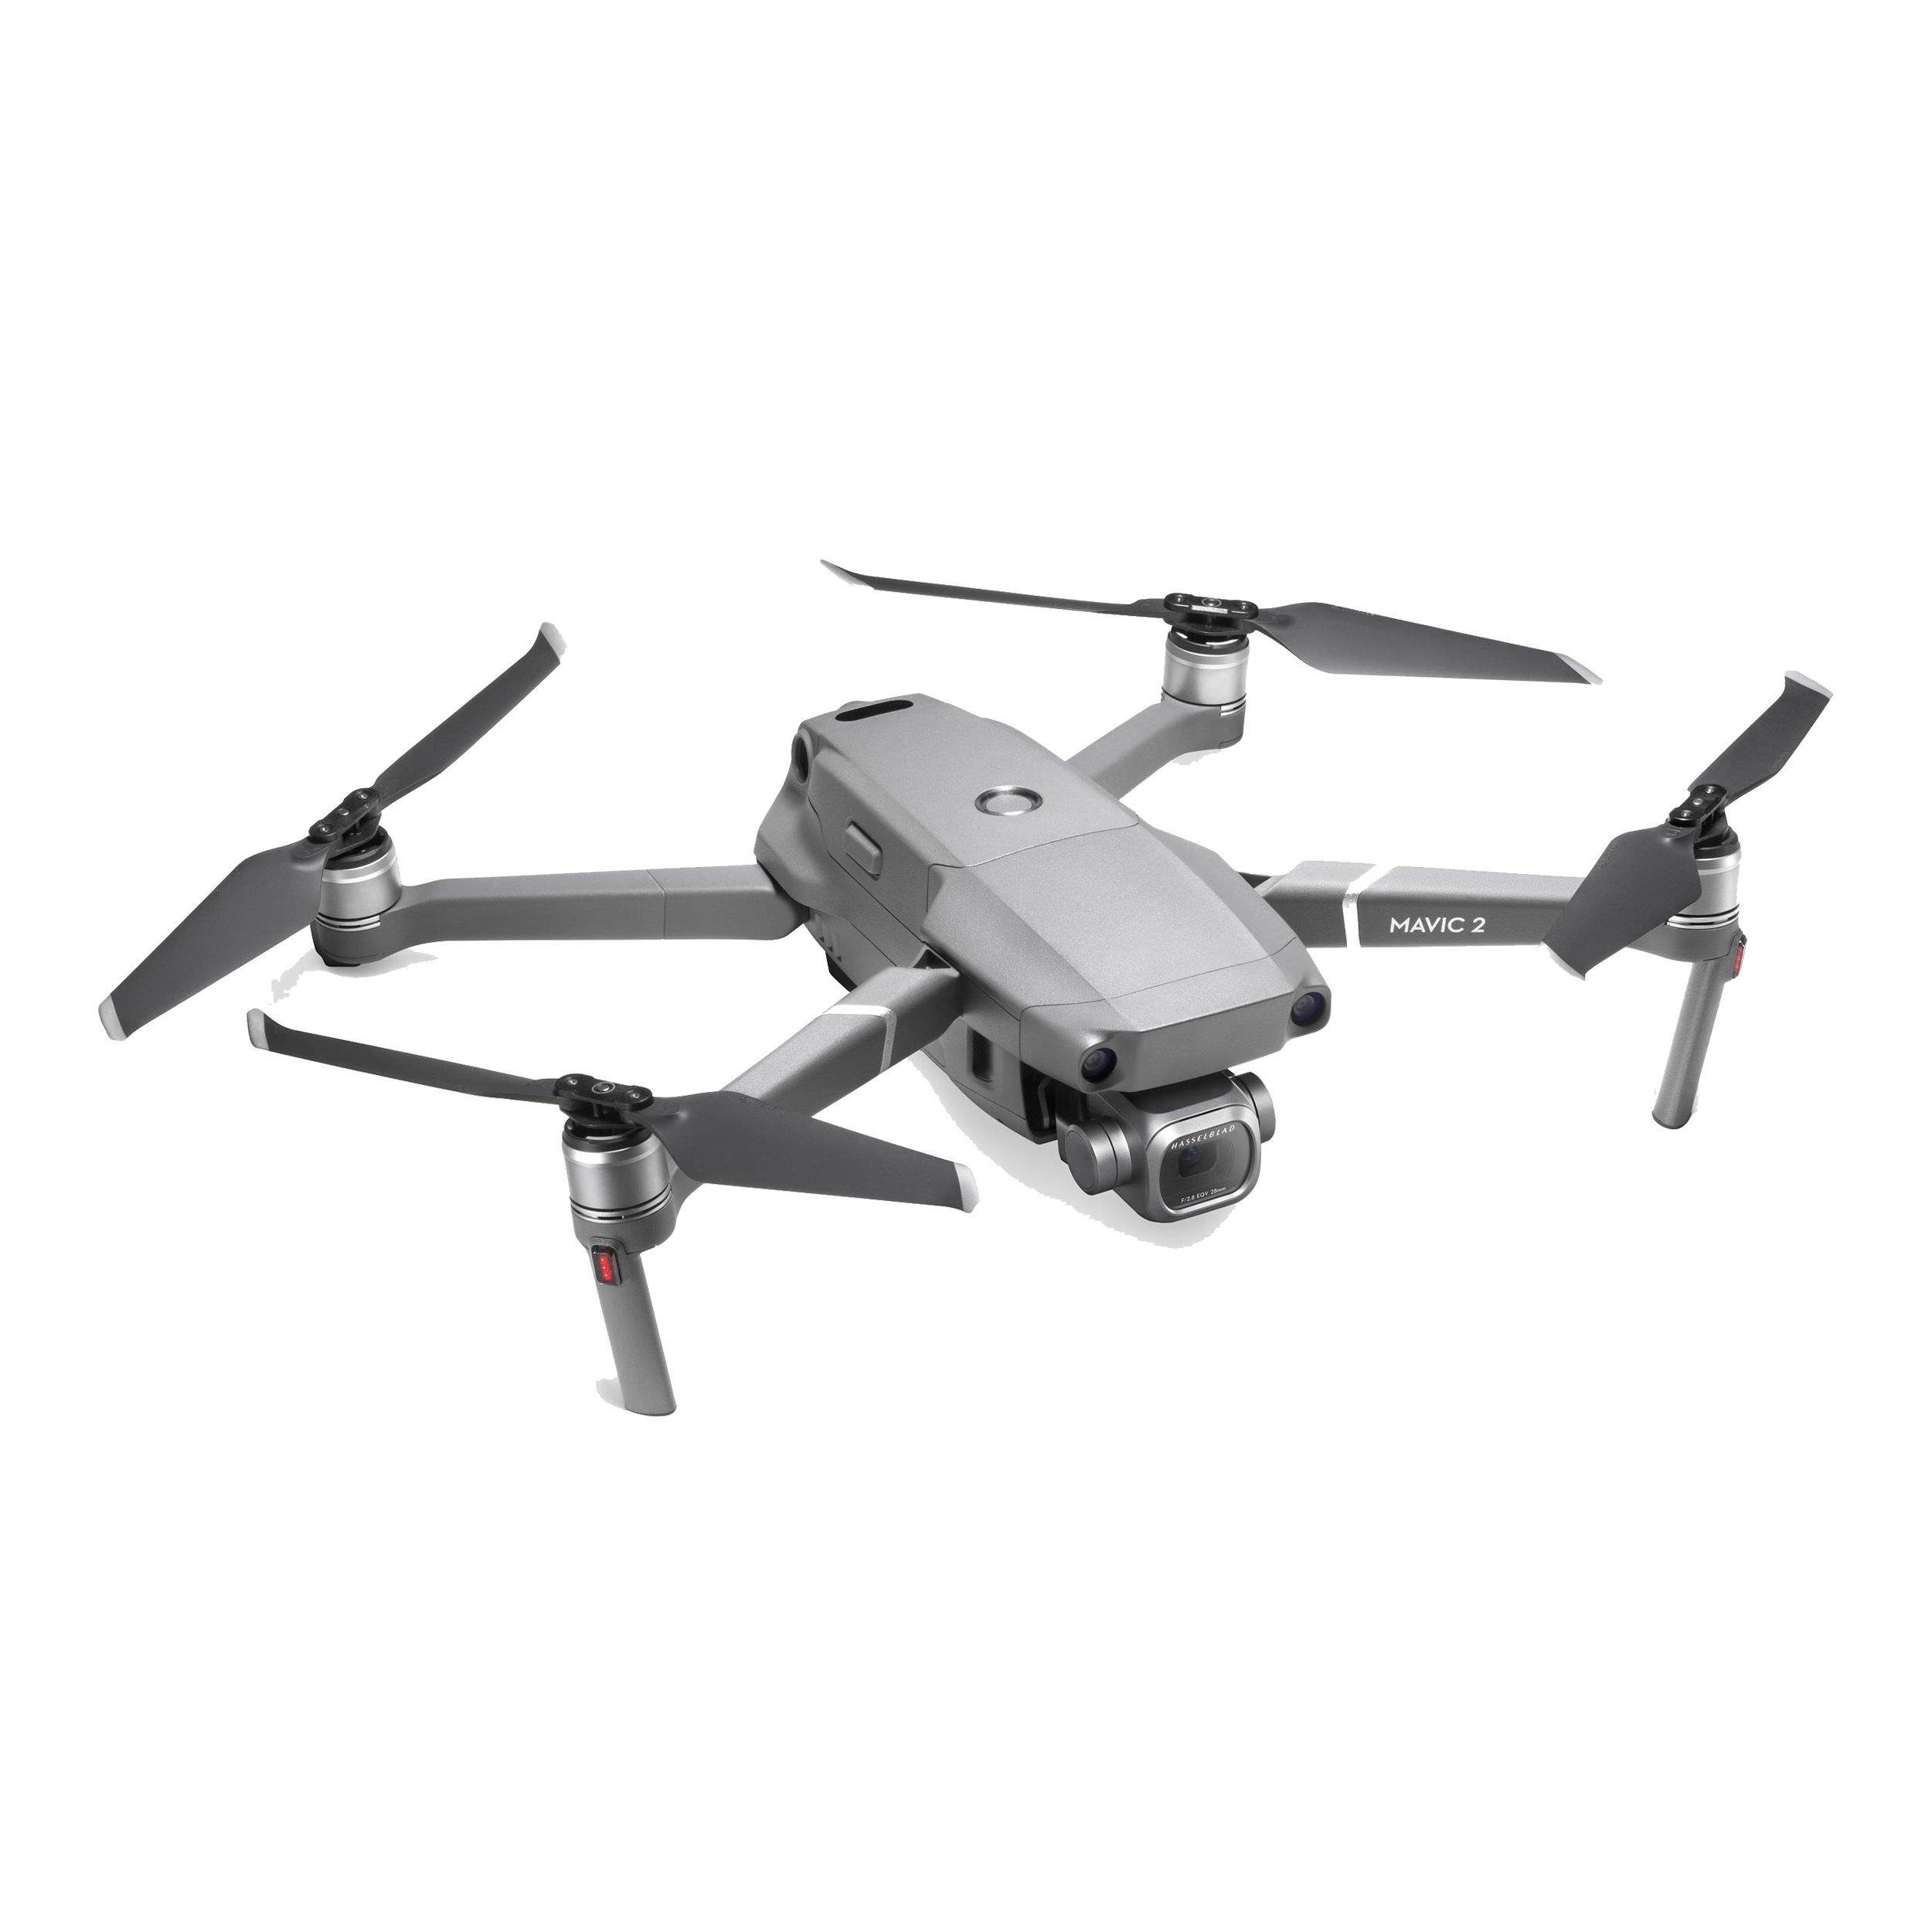 Flycam & Phụ Kiện | Chính Hãng, Giá Tốt | VJShop - VJShop.vn